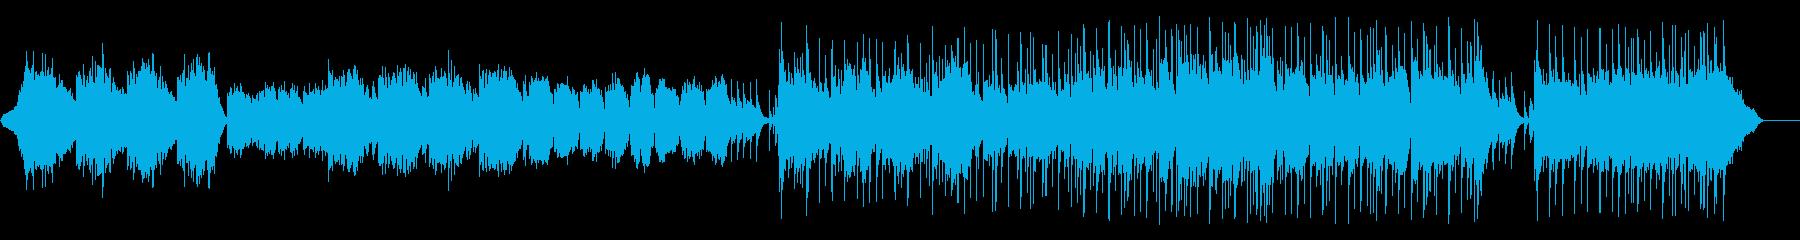 想いが揺れるはかないポップ/バラードの再生済みの波形